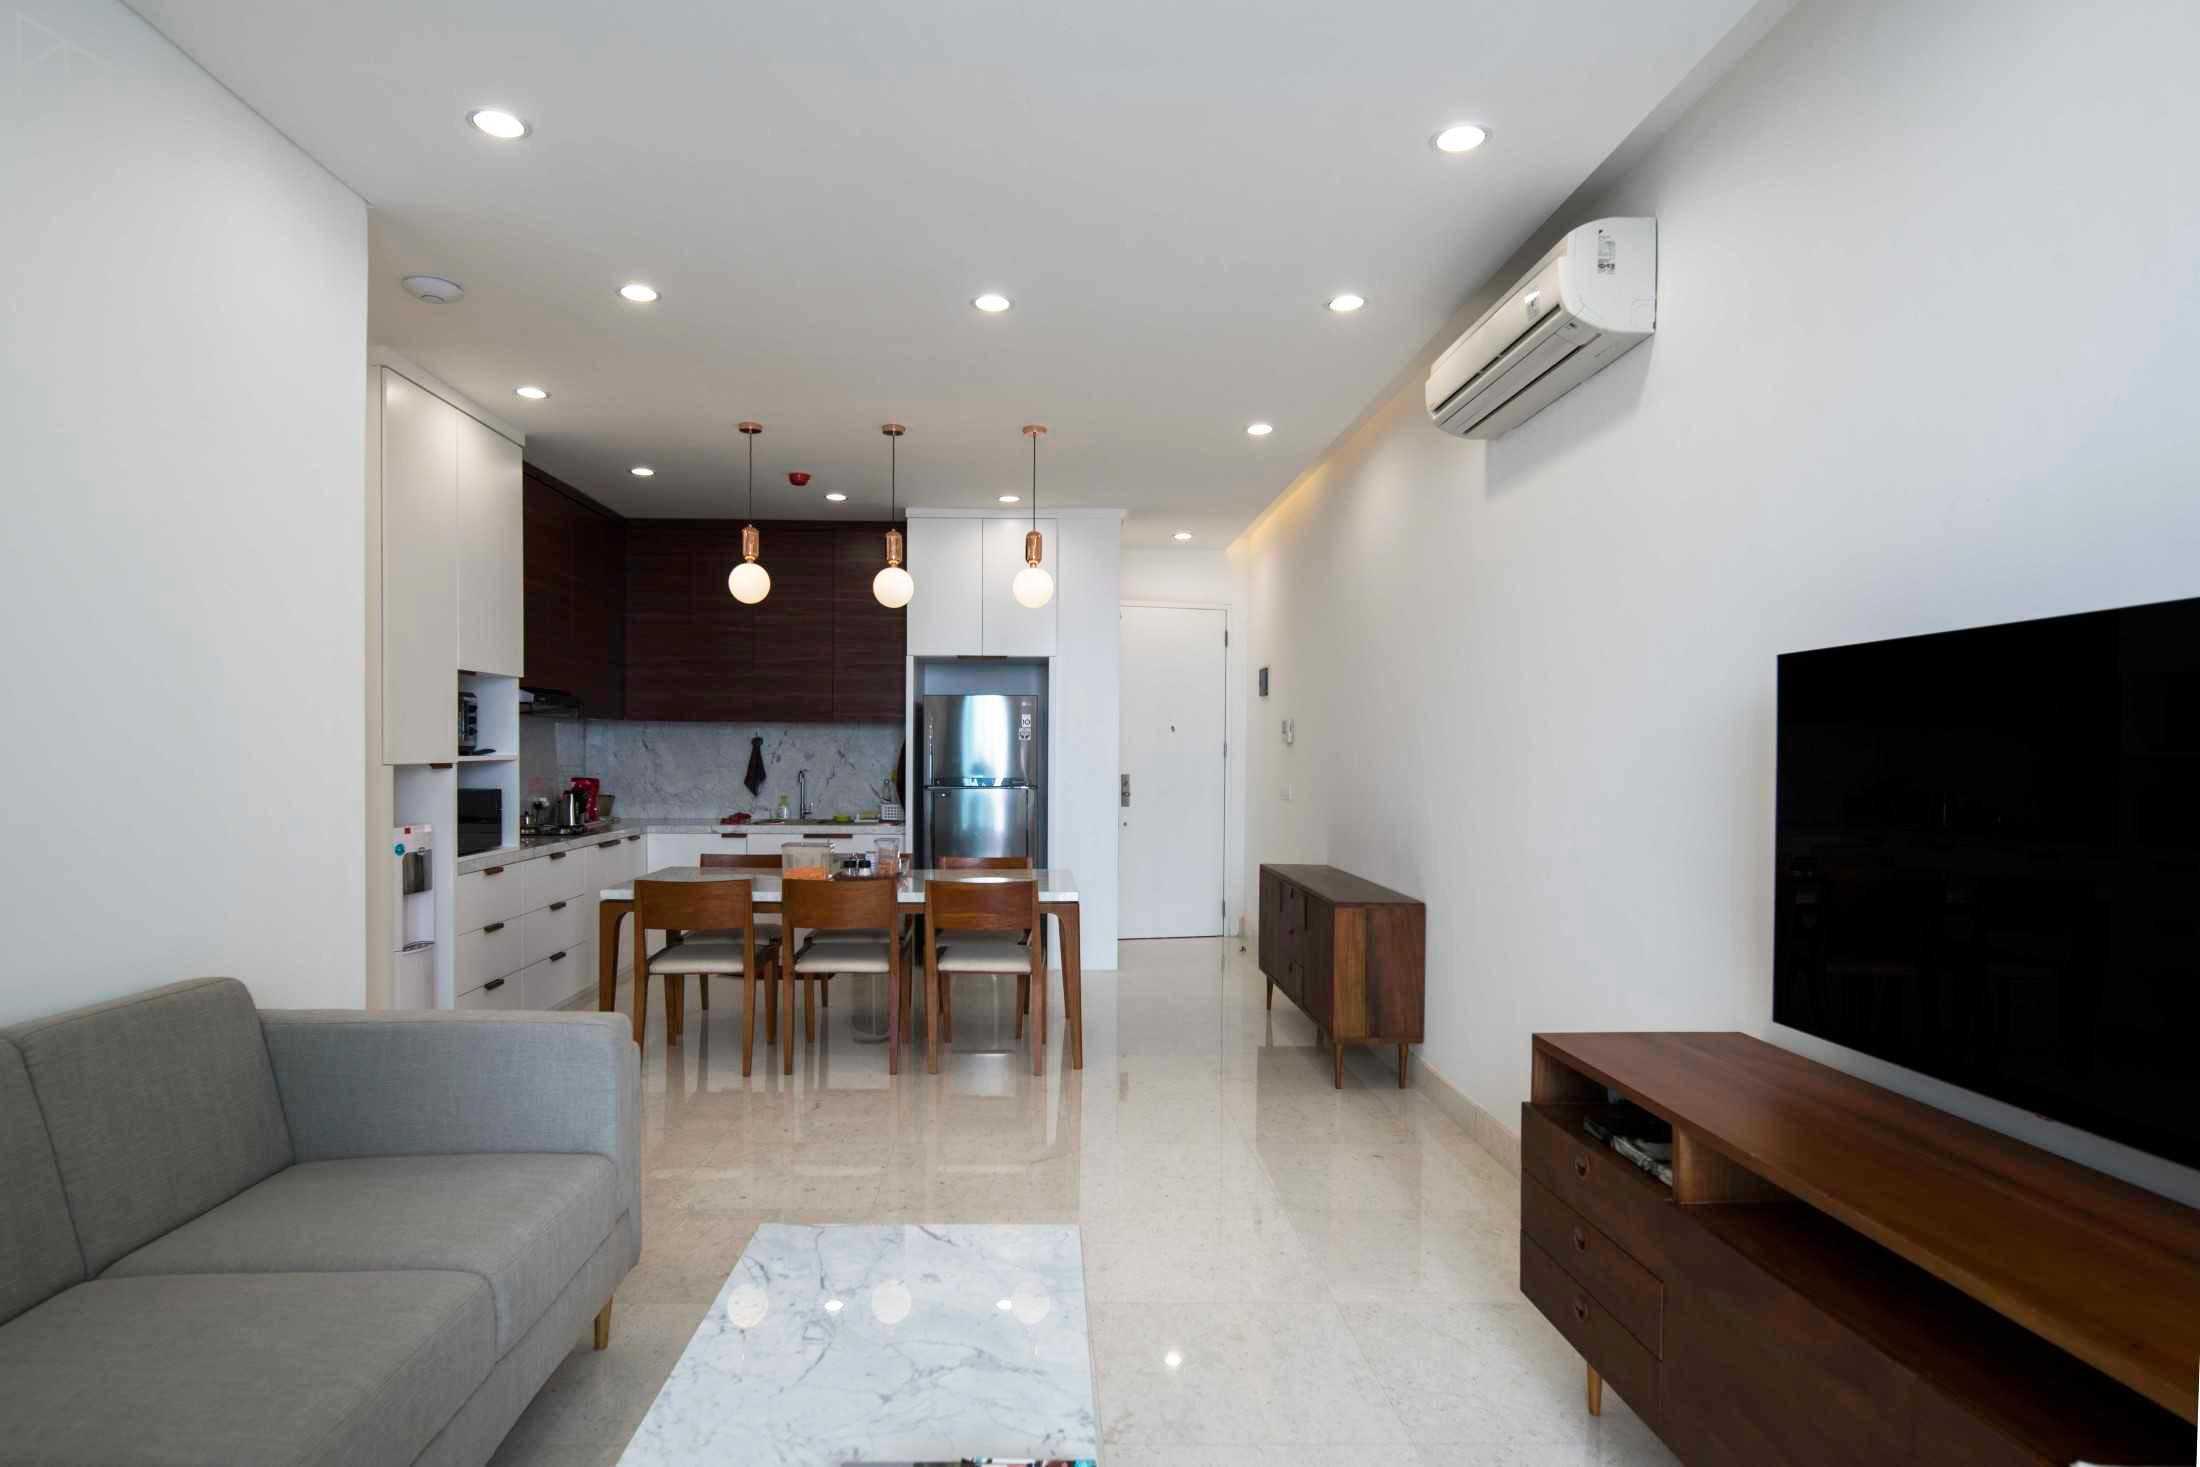 Desain Interior Apartemen minimalis Serba Putih yang Simpel dan Elegan   Foto artikel Arsitag